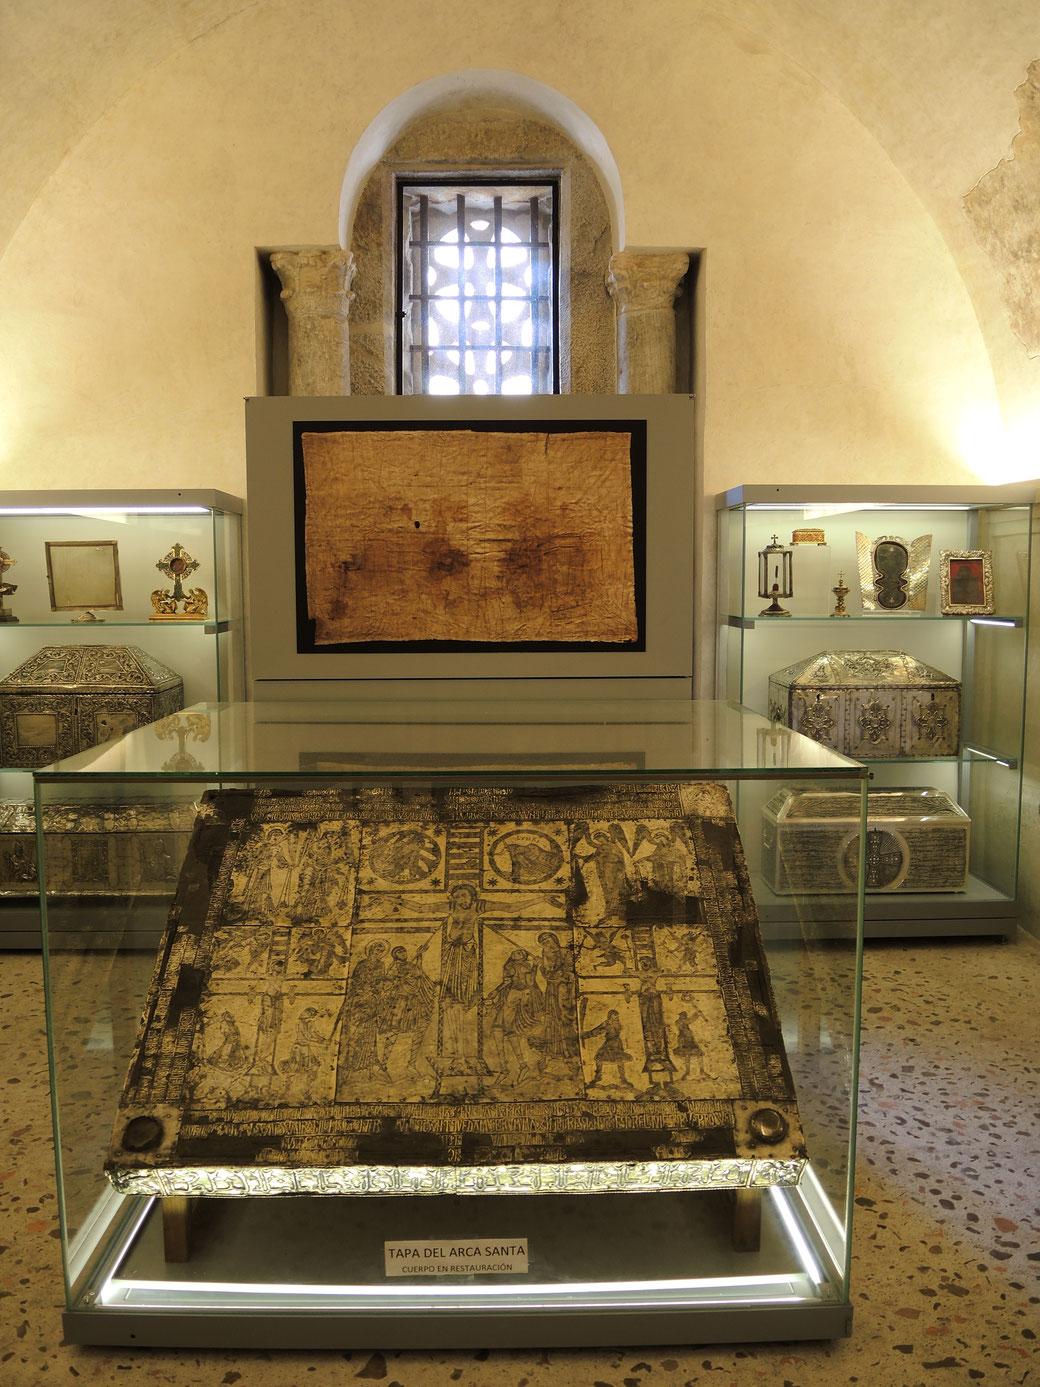 Camara Santa wurde im Jahre 738 vom asturianischen König Alfons der II errichtet. Hier wird aufbewart ua. Santo Sudario und Engelskreuz aus dem Jahr 808.